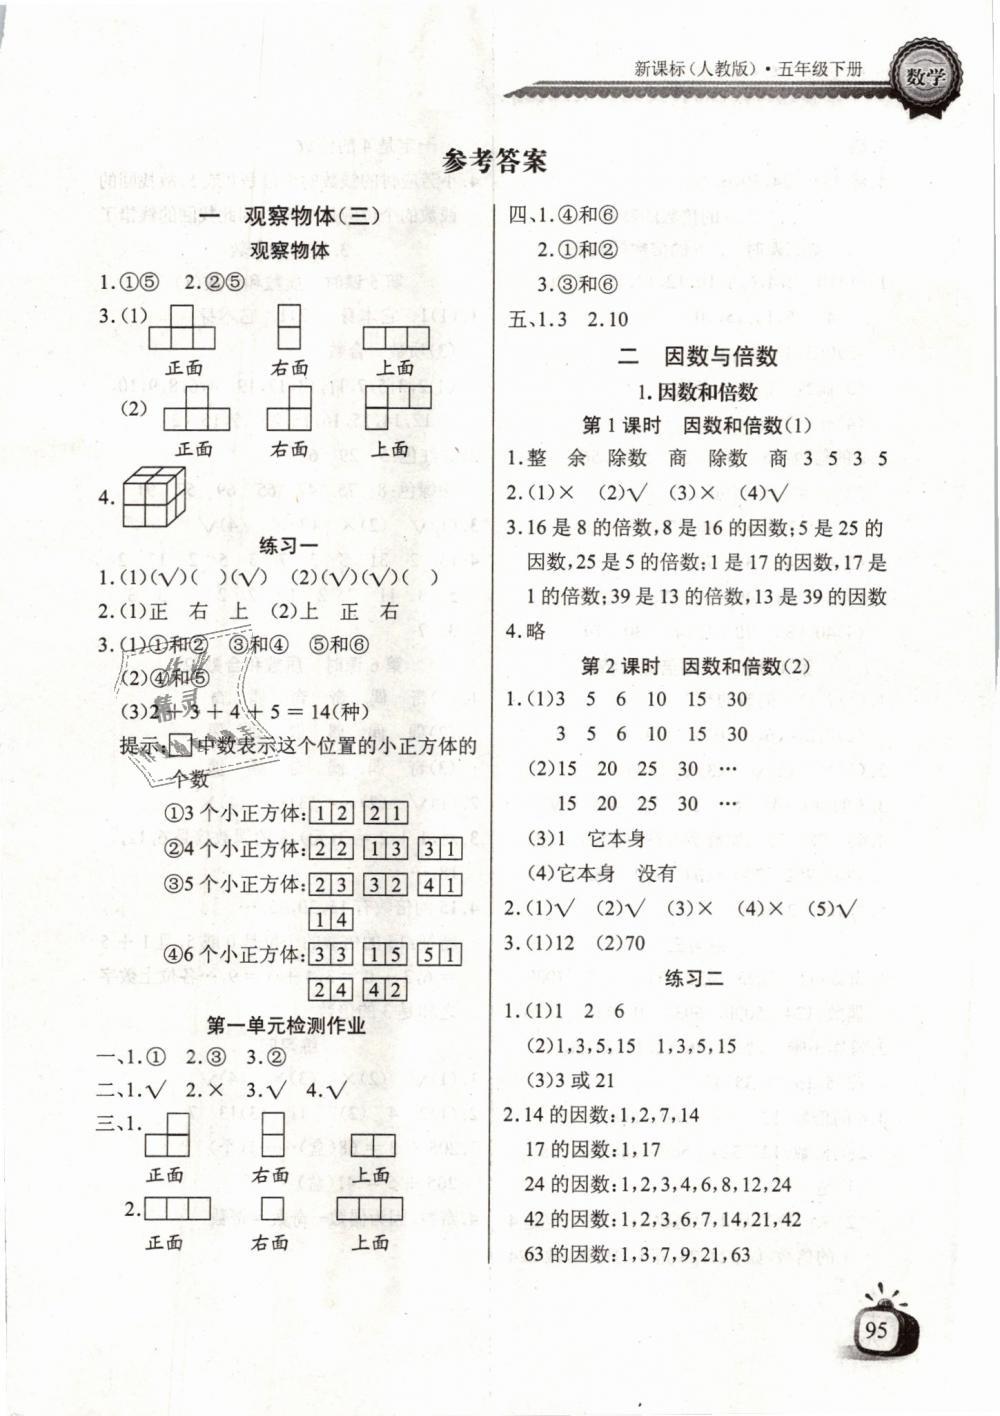 2019年長江全能學案同步練習冊五年級數學下冊人教版第1頁